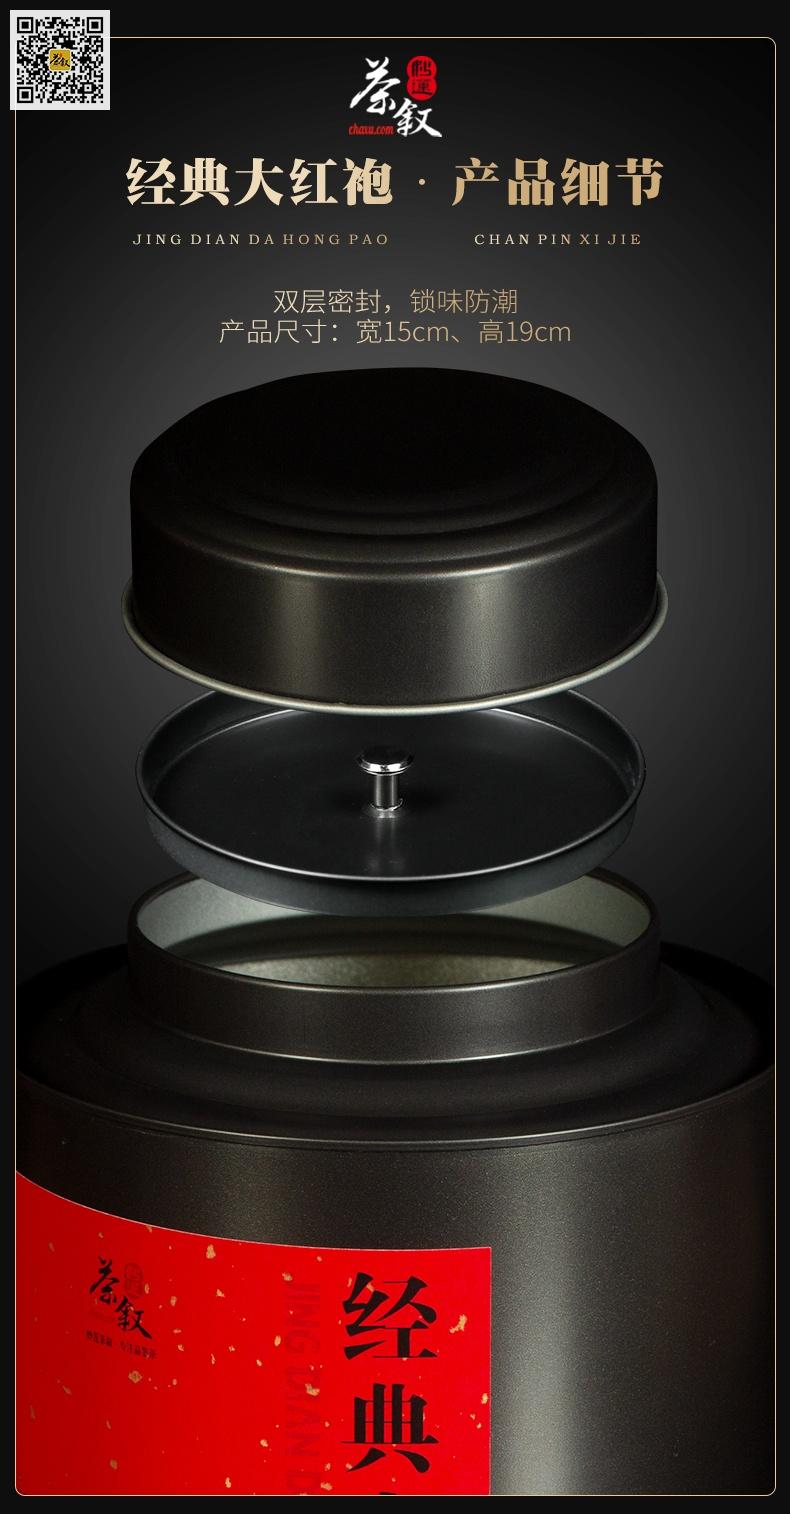 散装经典大红袍岩茶罐装密封方式